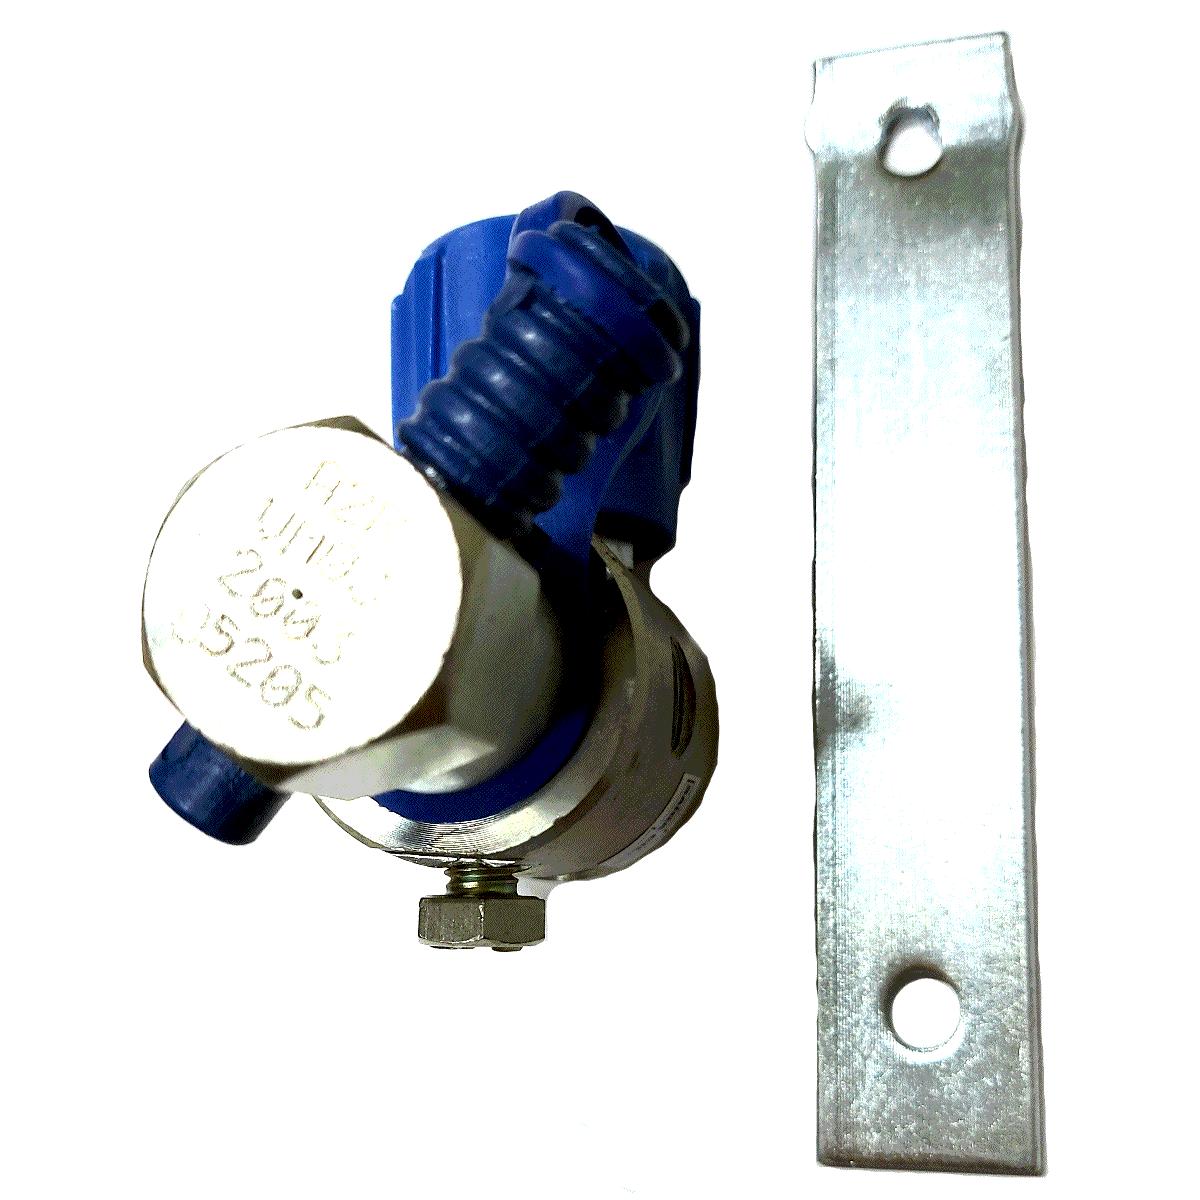 Válvula de Abastecimento GNV VDAP Aço Aprovada INMETRO